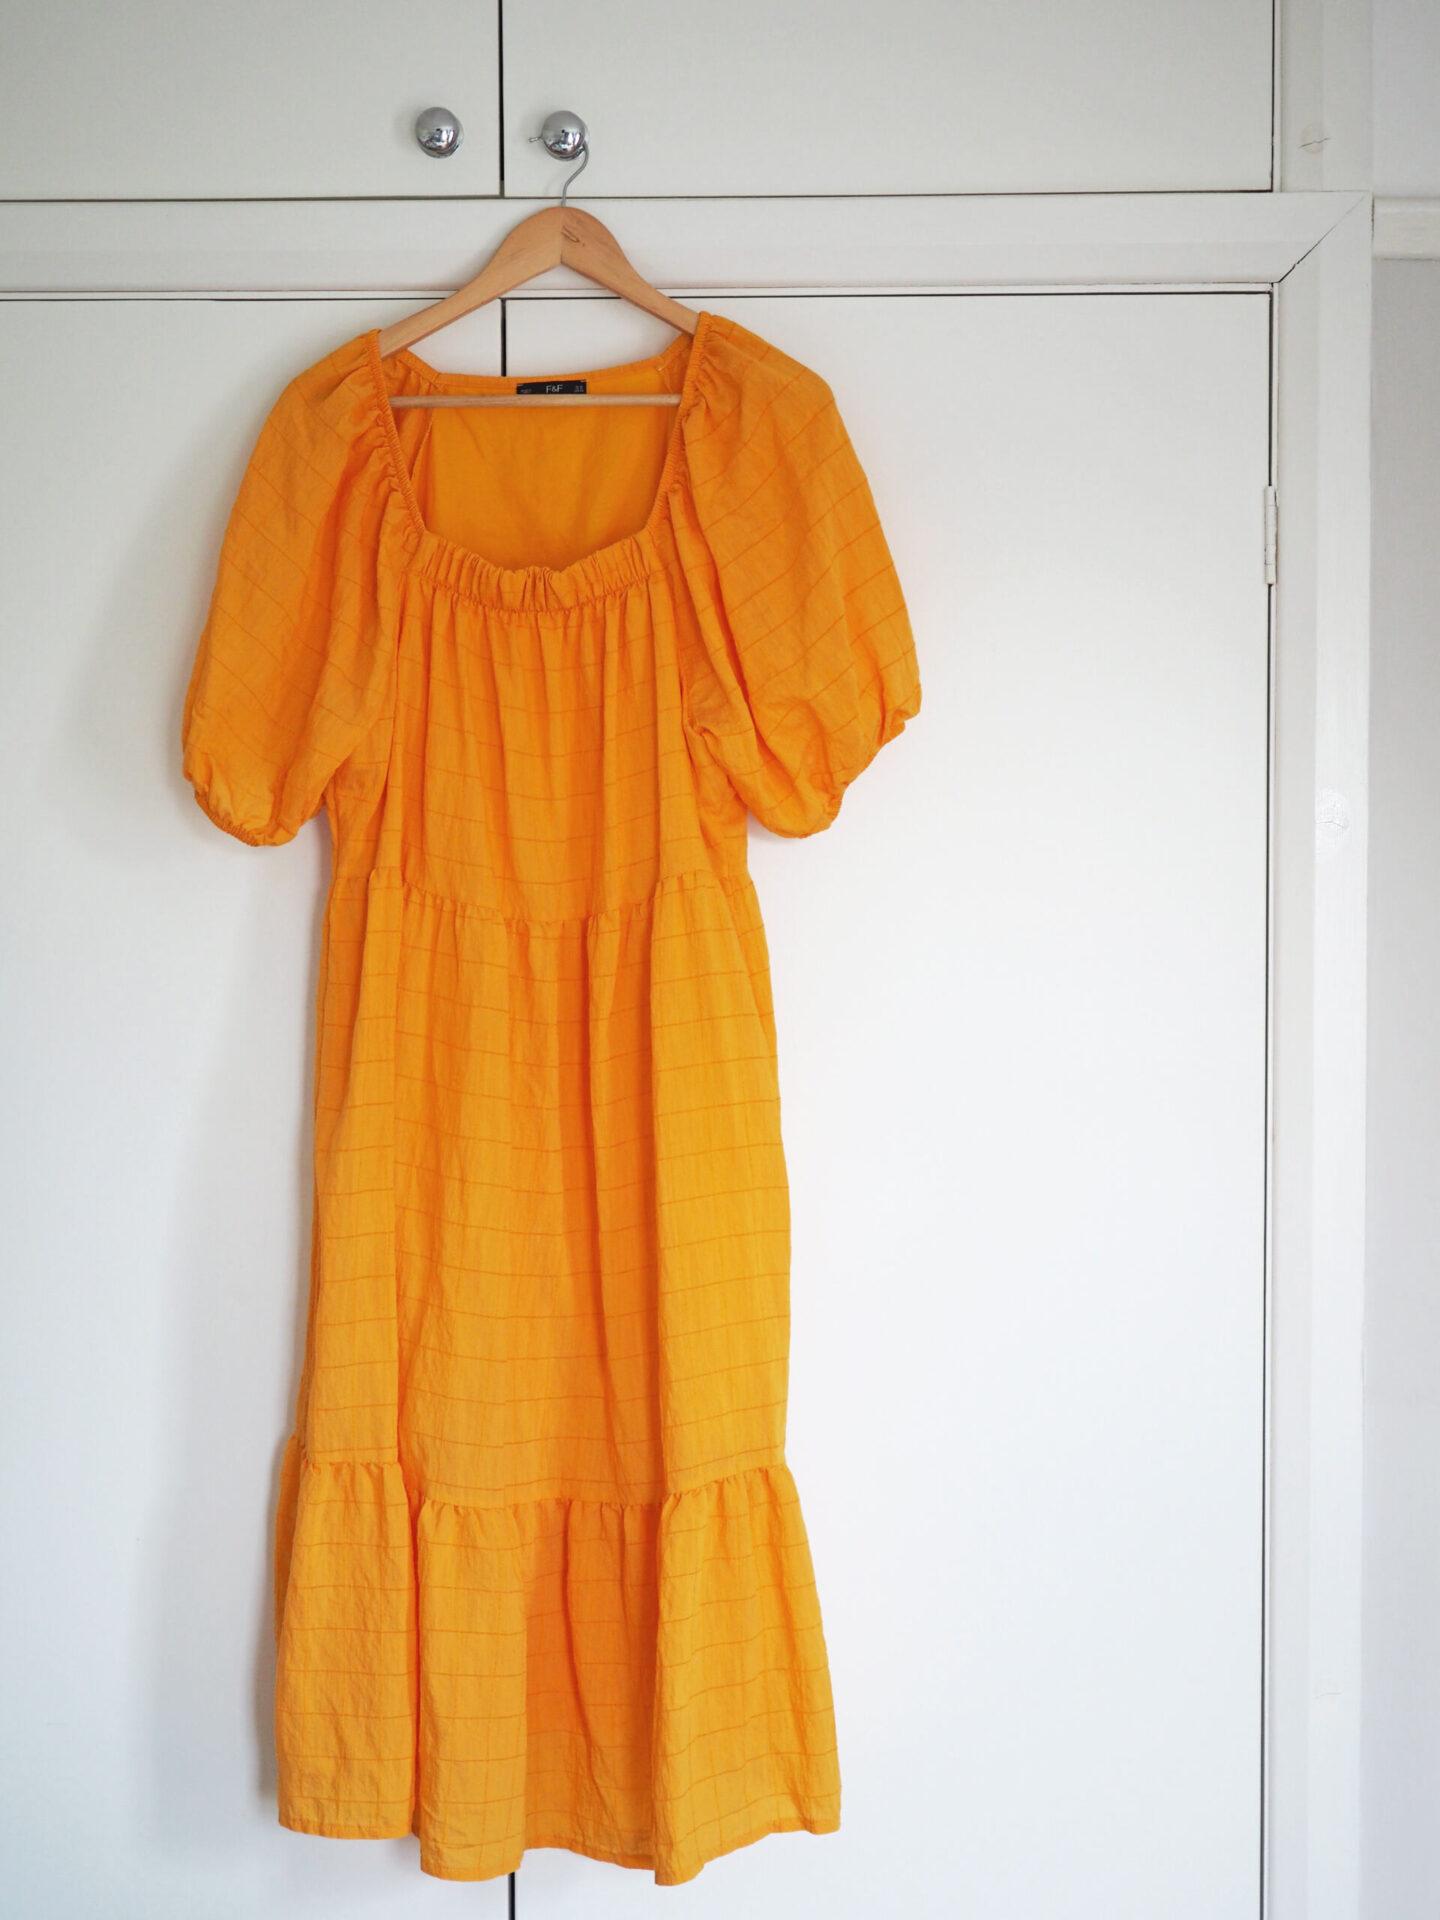 tesco f&f yellow dress summer 2021